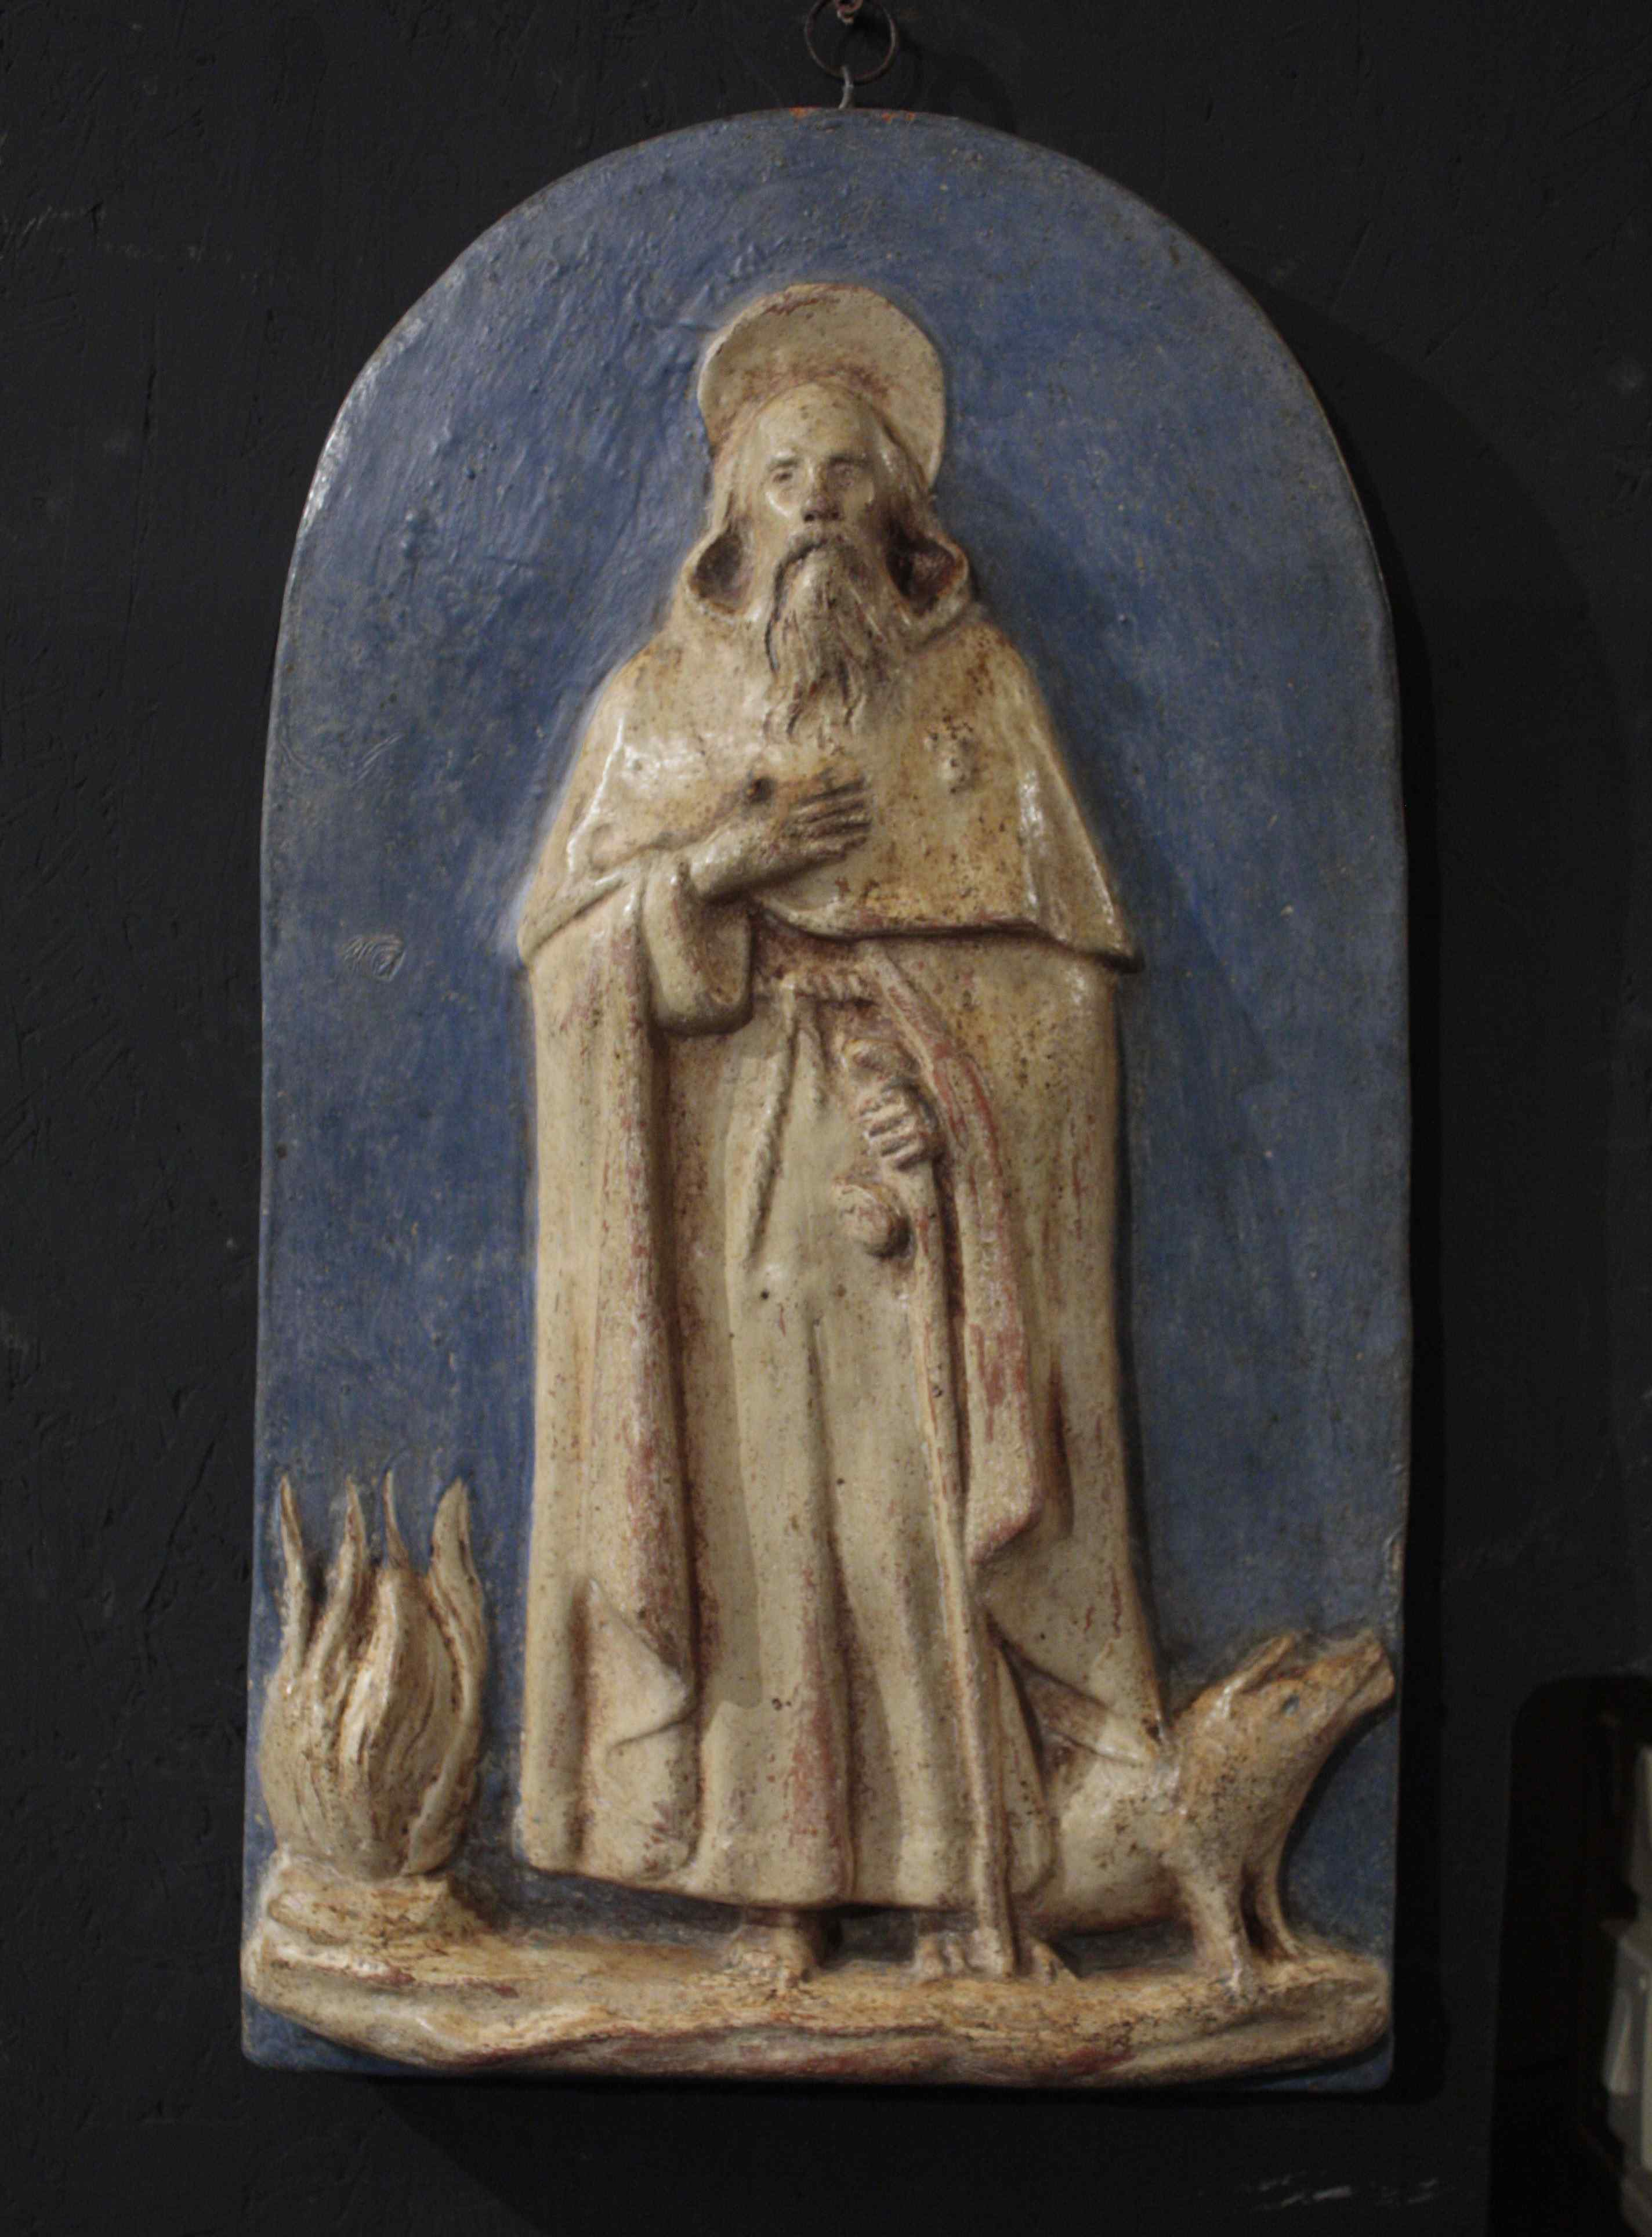 Sculpture by S. Antonis Abate